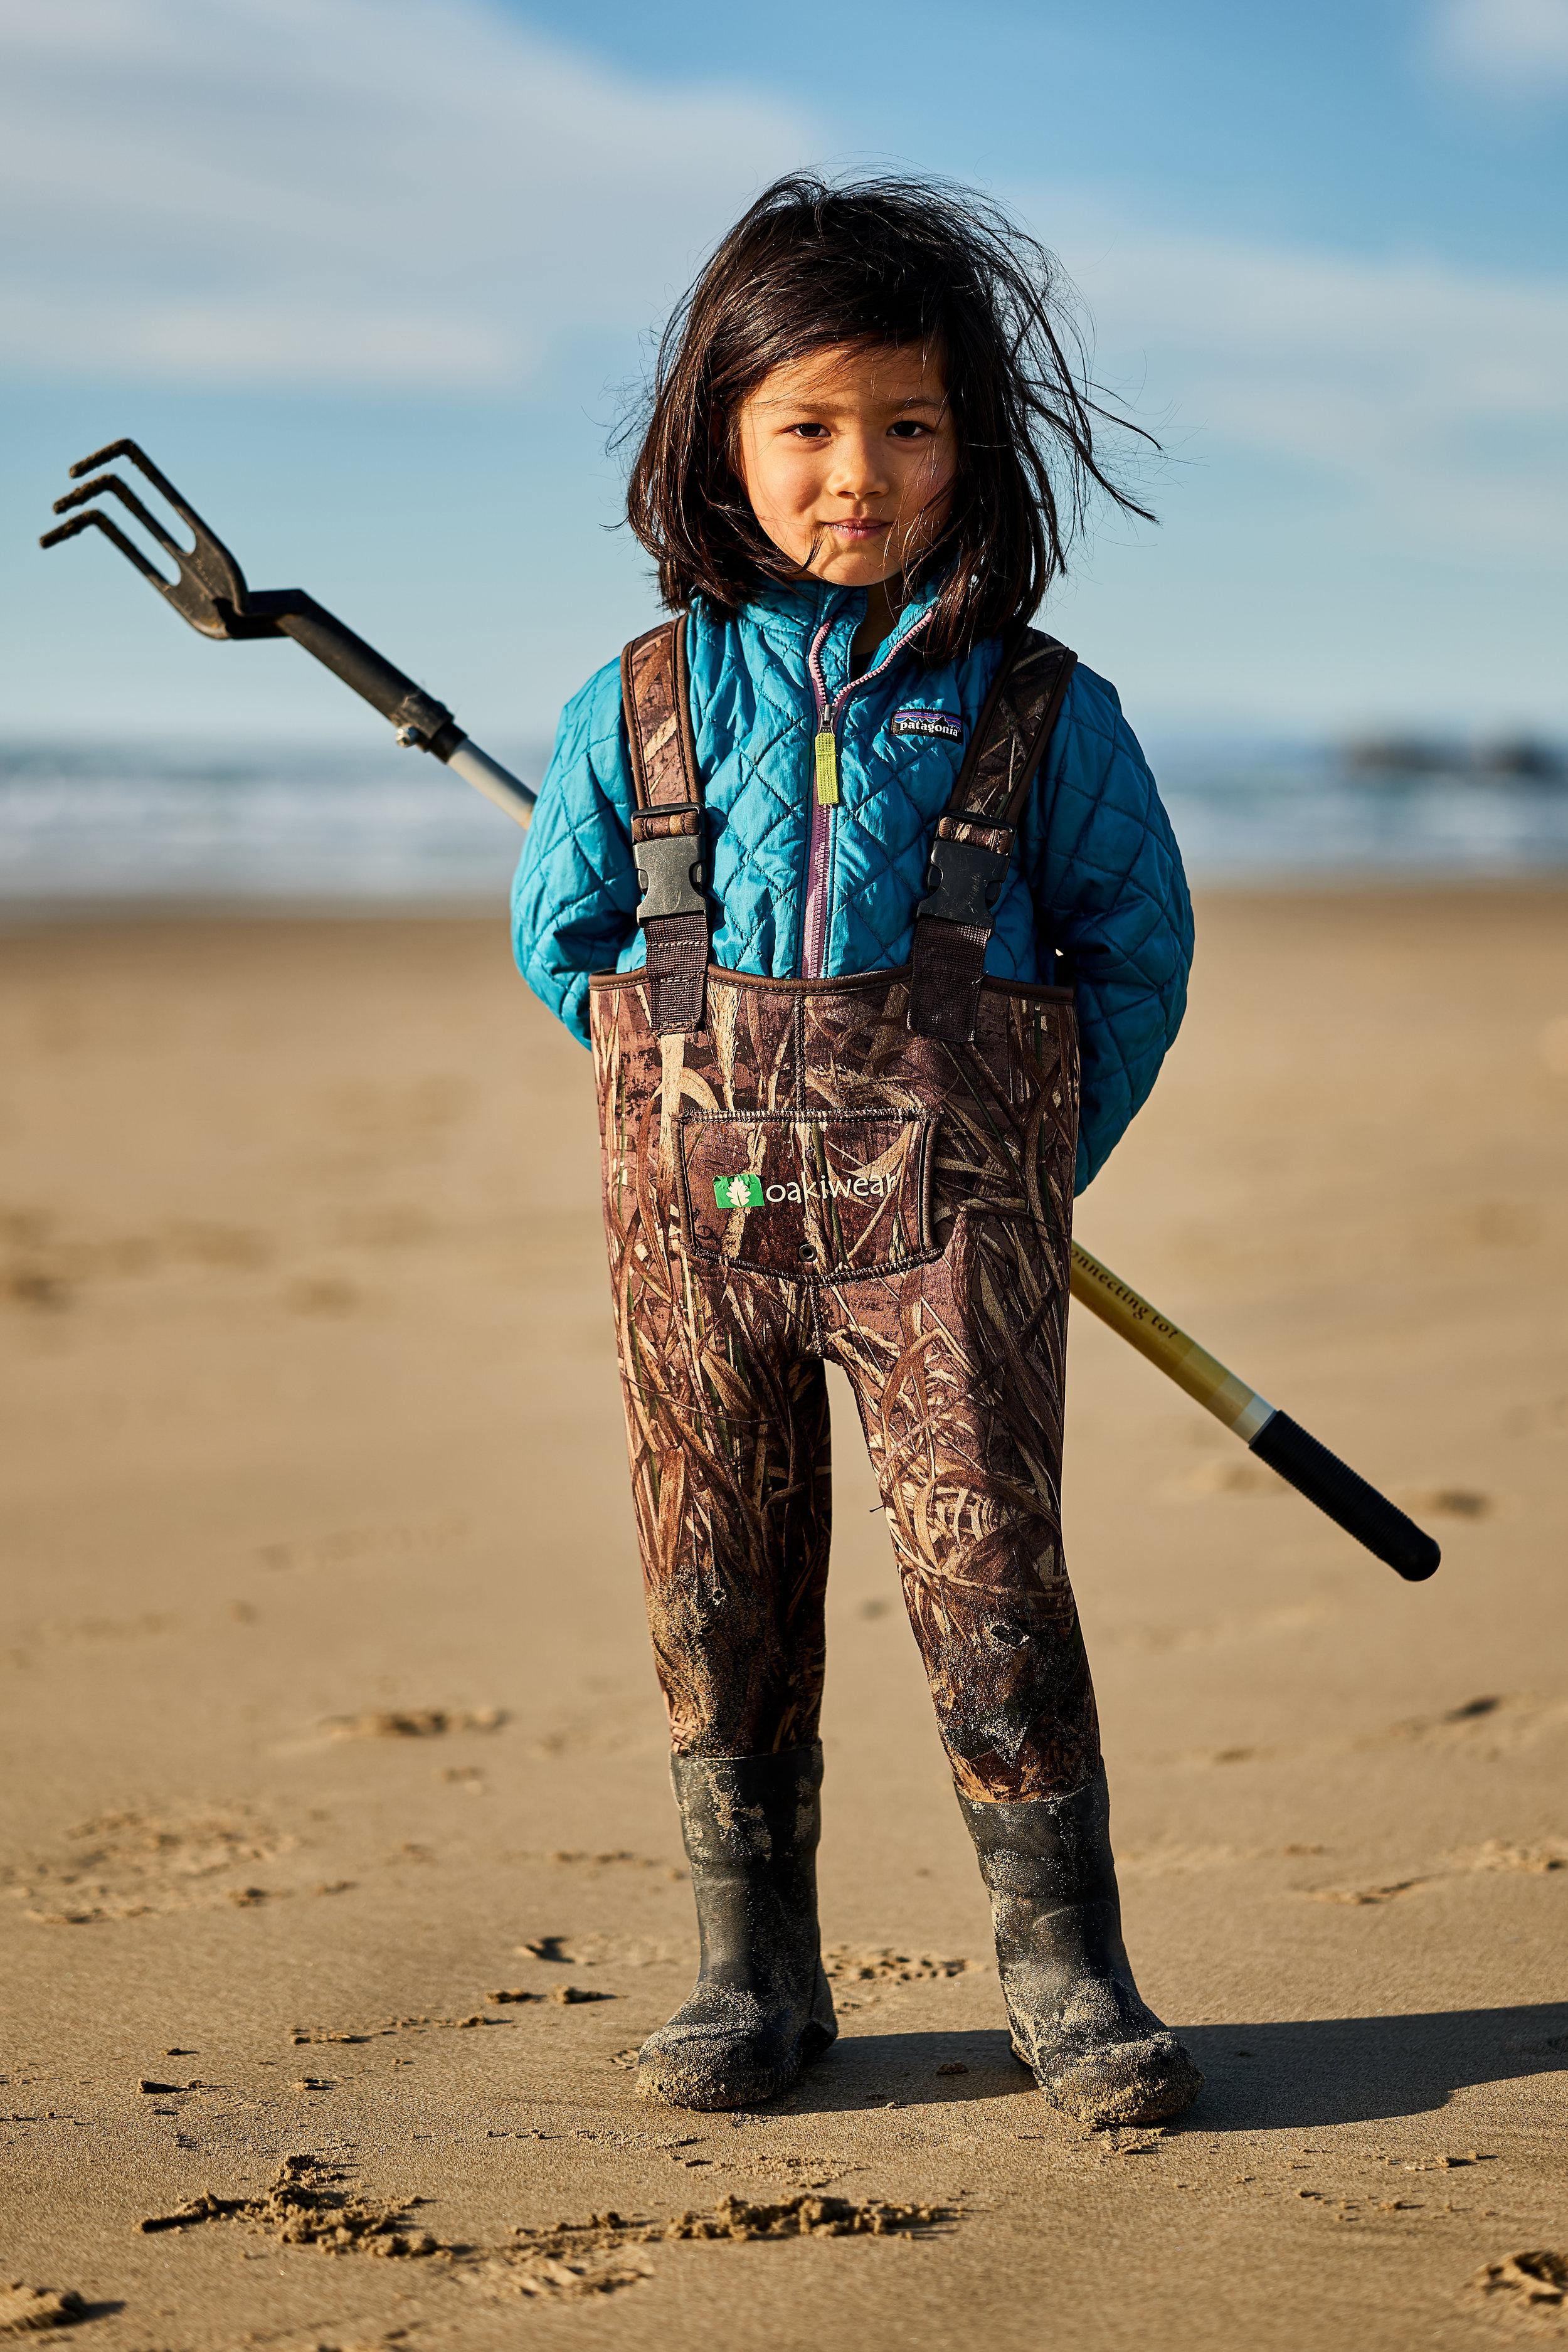 And a beach artist.